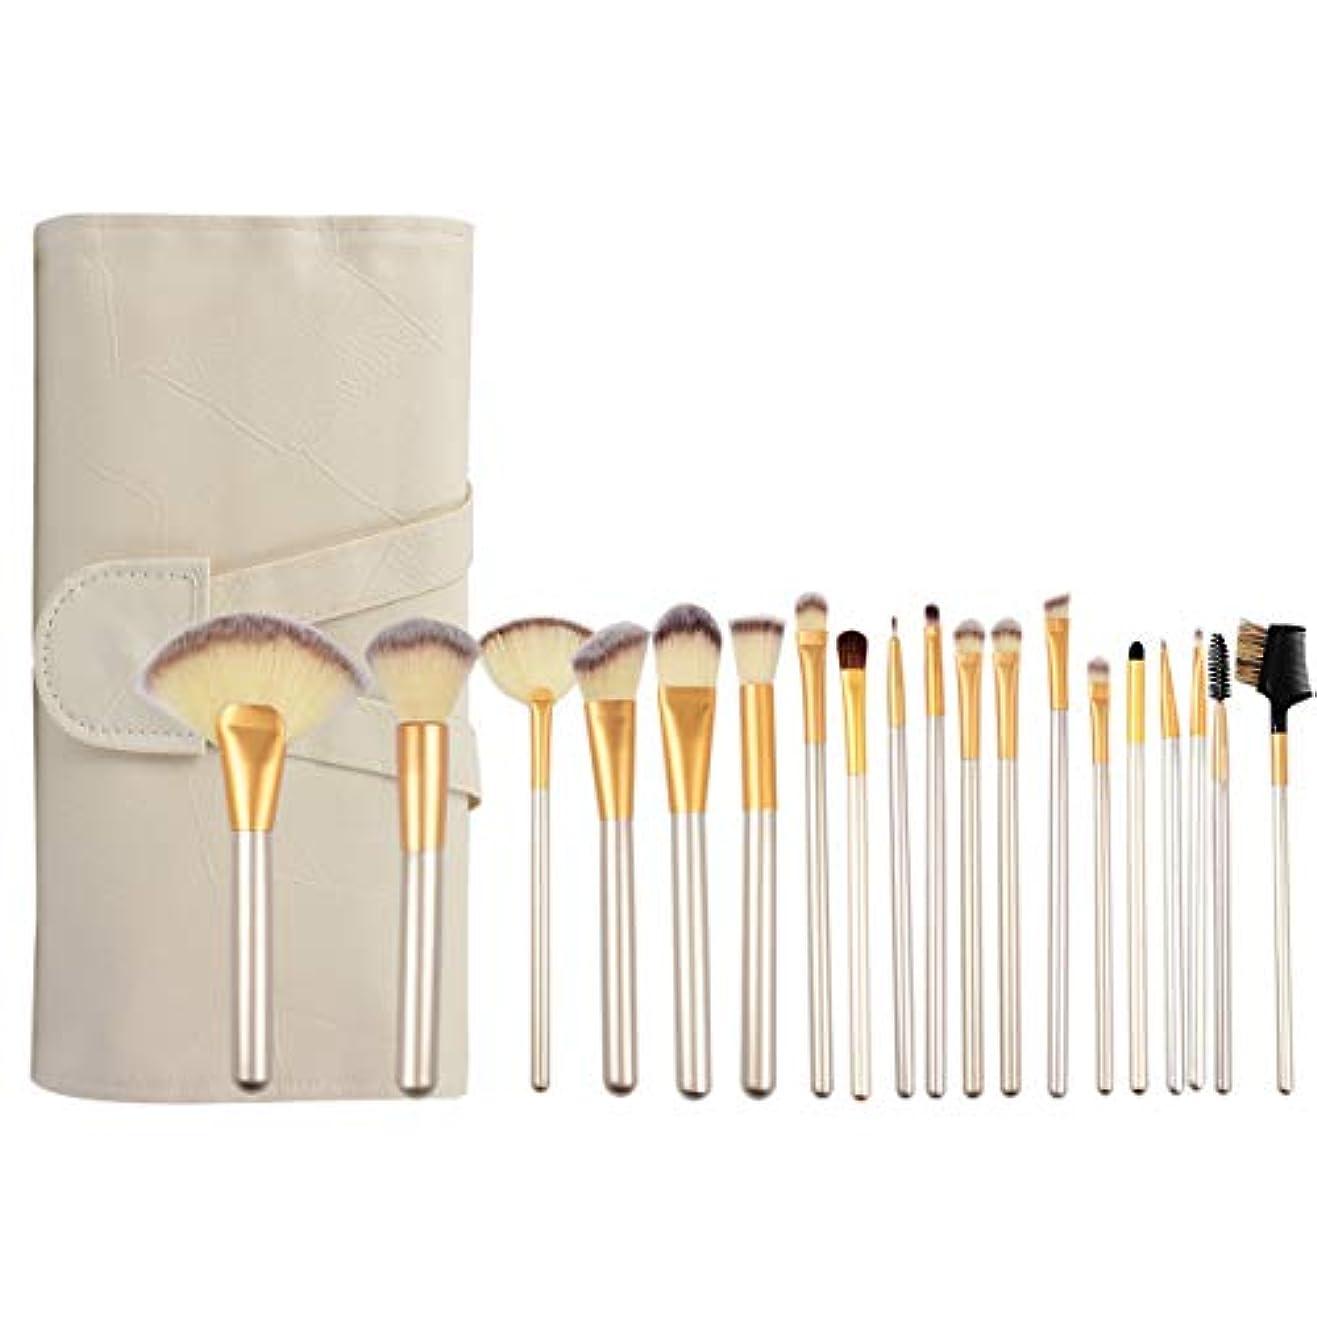 収穫明確なサリーKaarii メイクブラシ 18本 人気 メイクブラシセット 専門化粧筆 化粧ポーチ フェイスブラシ 柔らかい 高級繊維毛 専用ポーチ付き コスメブラシ (18本 メークブラシ)